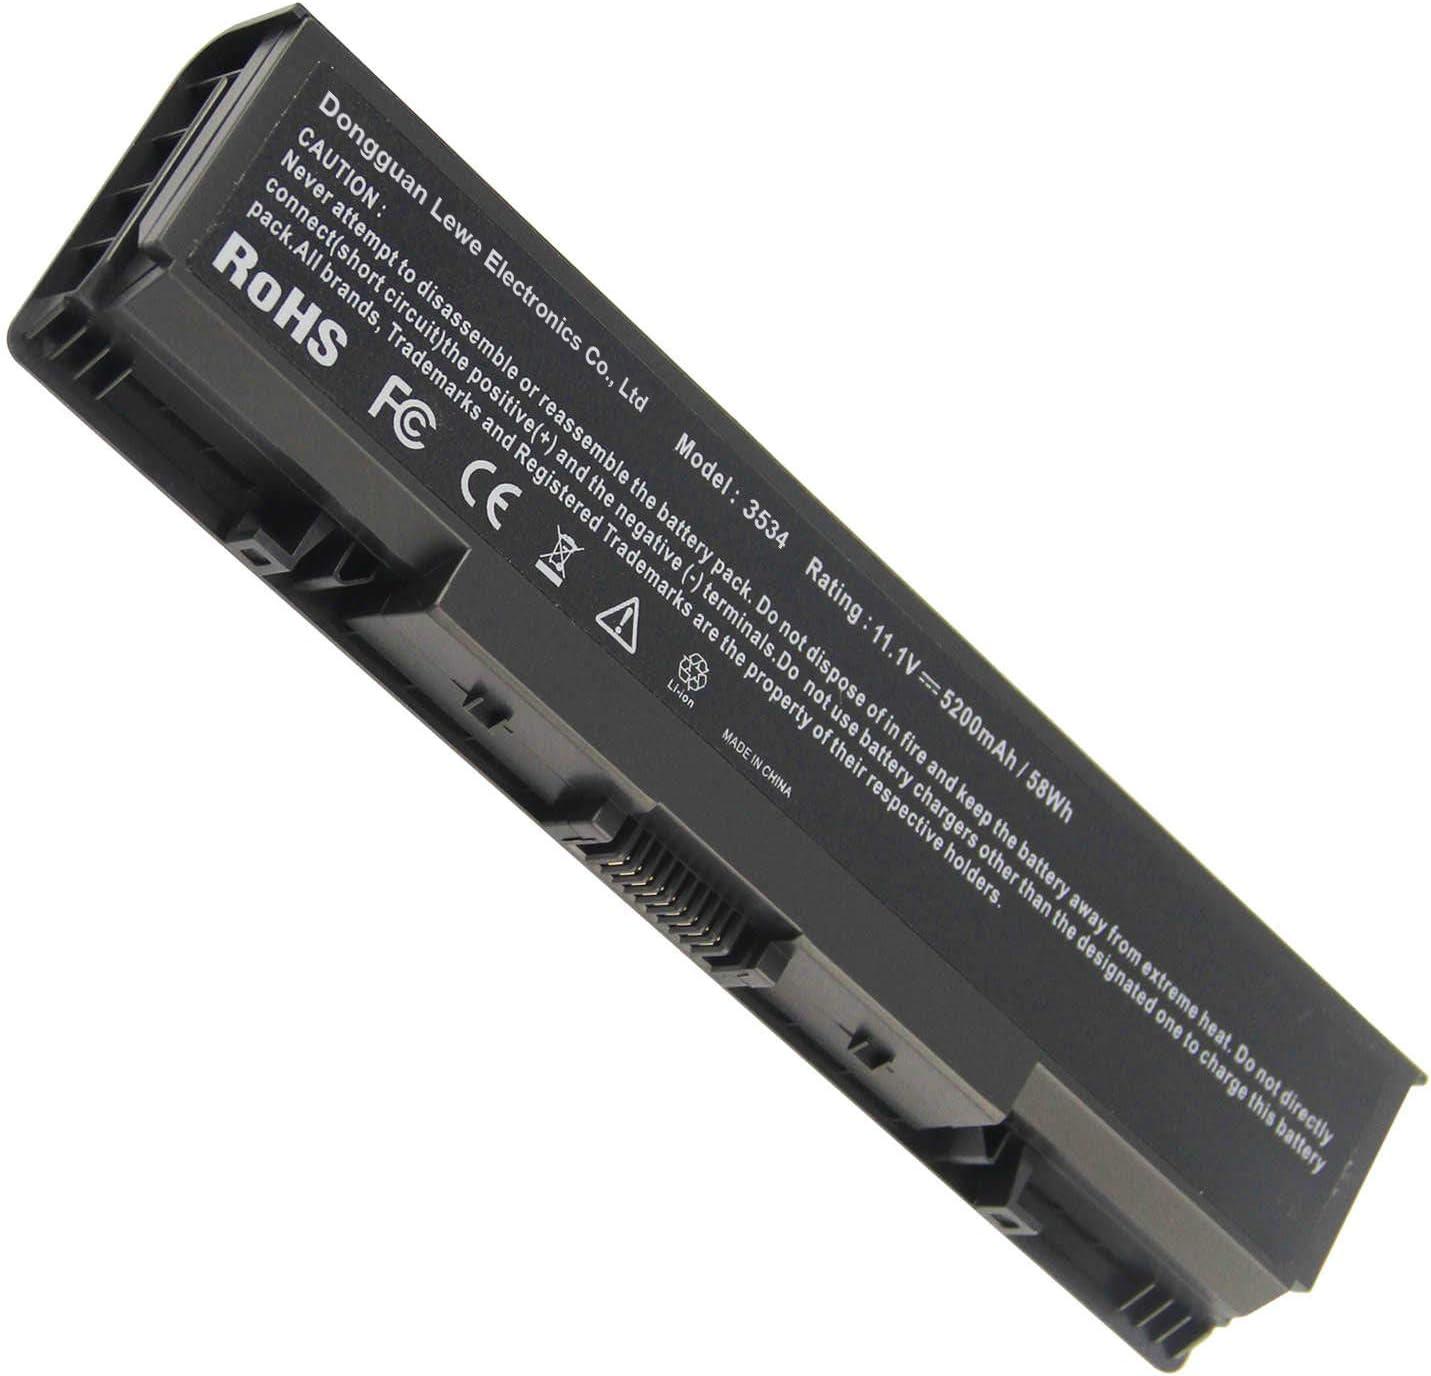 Laptop Battery for Dell 1520 1521 530s 1720 1721 Dell Vostro 1500 Vostro 1700